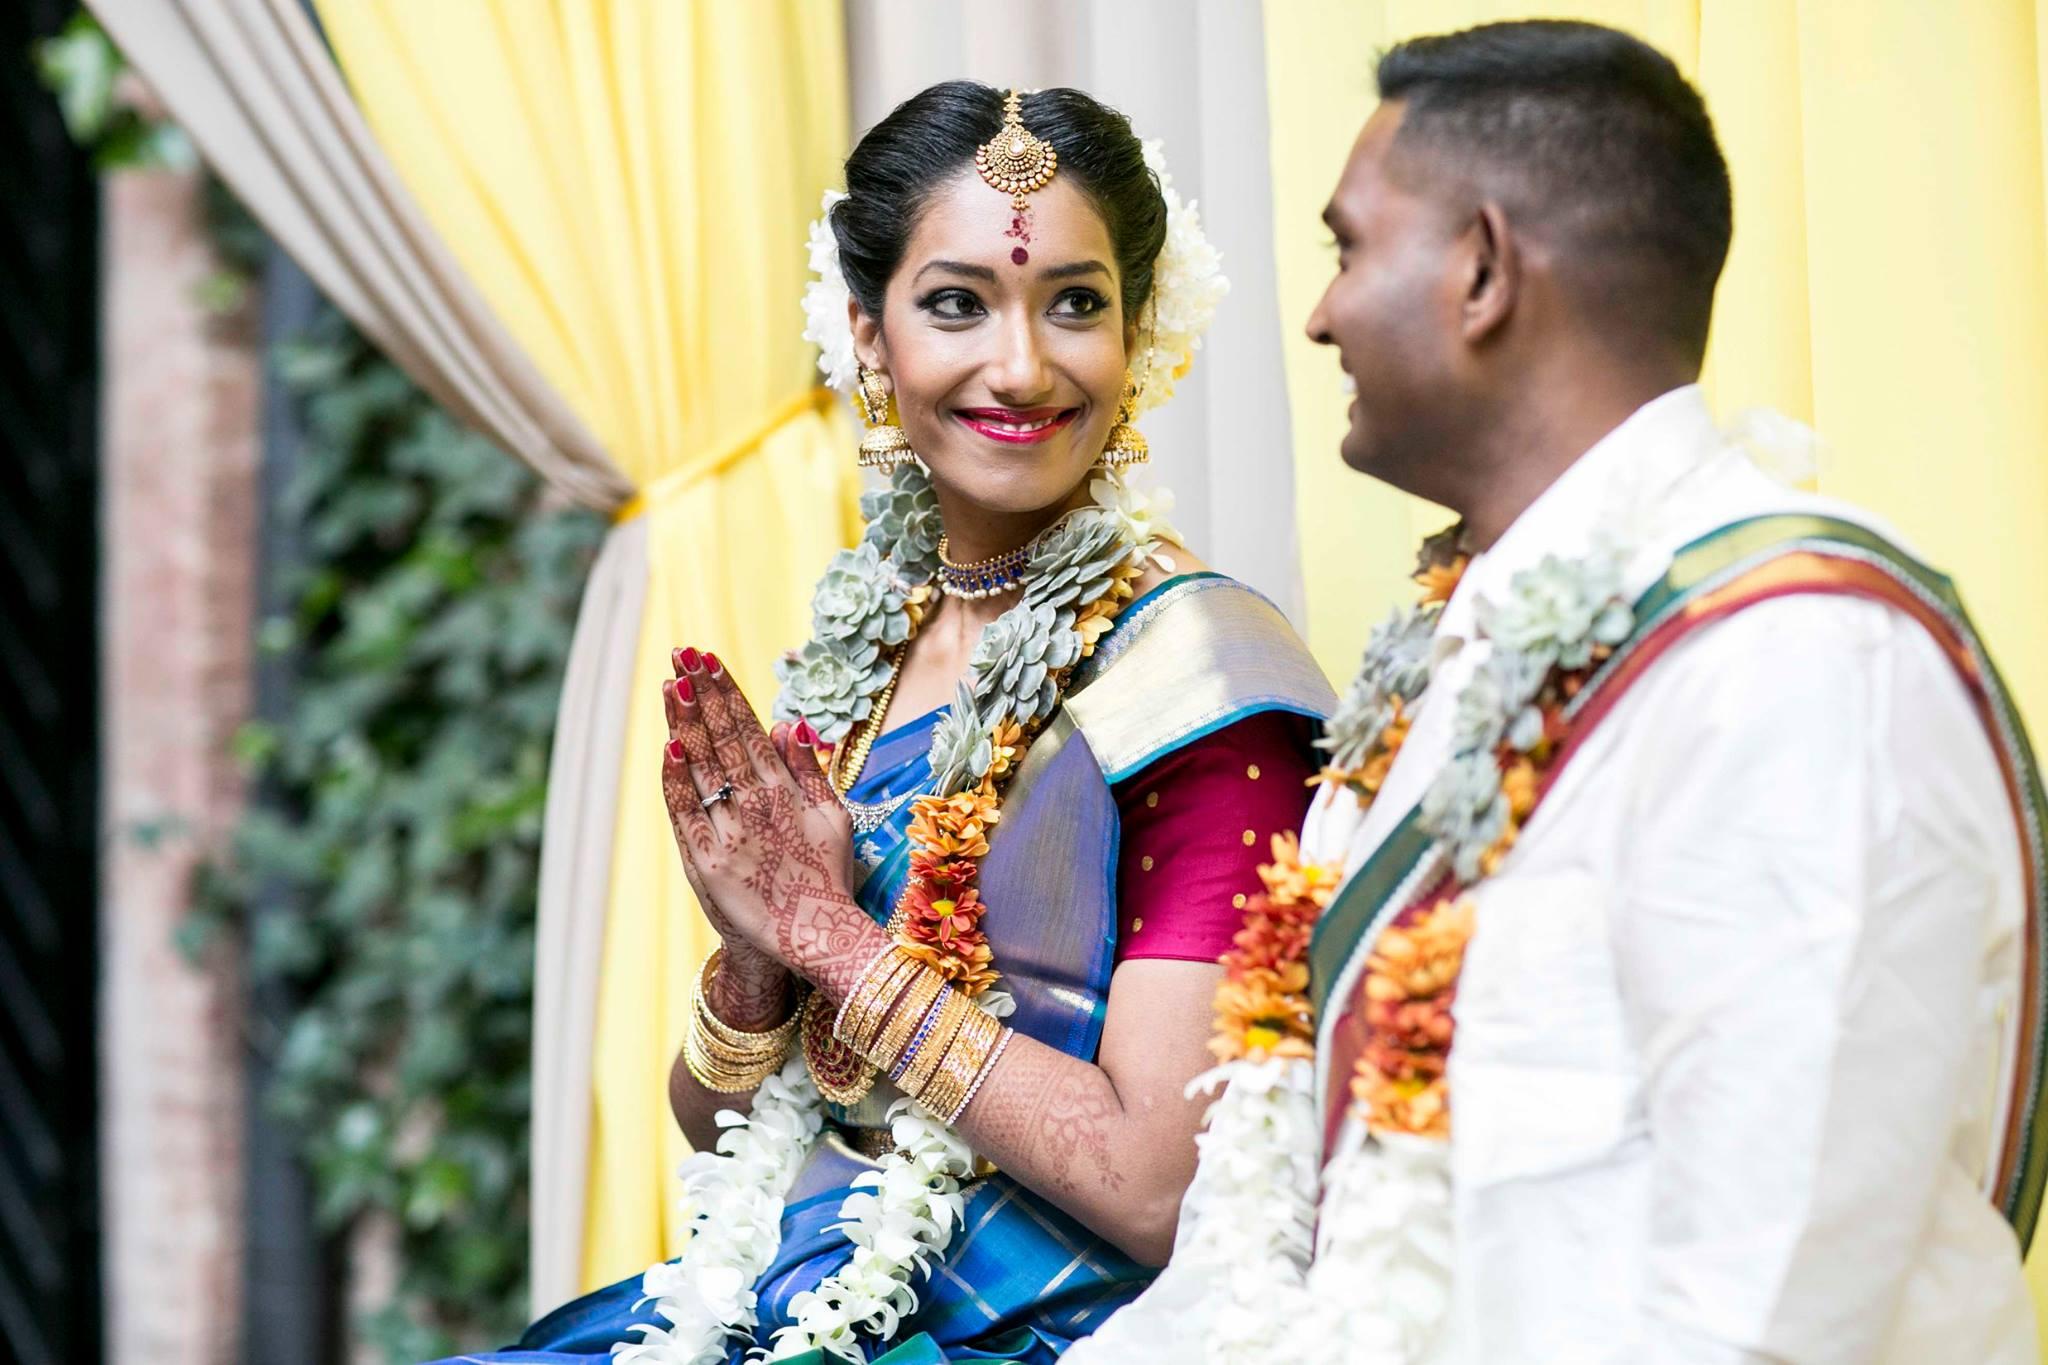 La boda india de Siva y Pooj